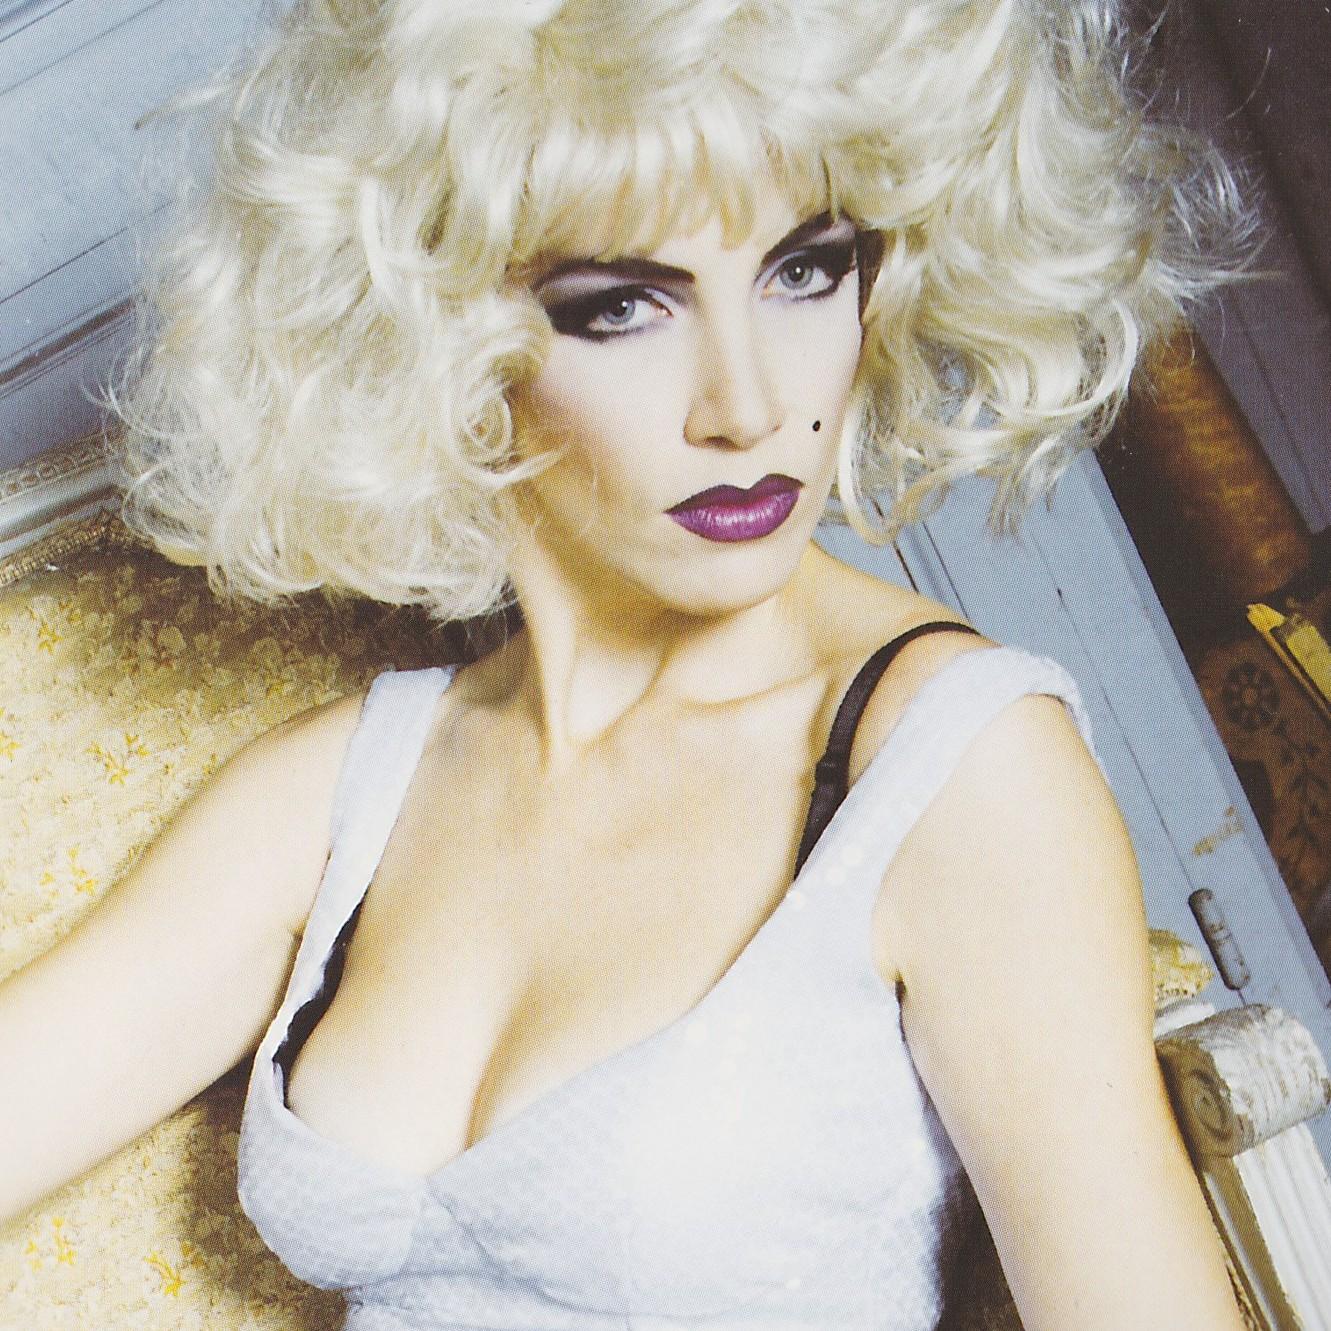 http://2.bp.blogspot.com/-oHXhDiGPMl8/UC1zMMWYEzI/AAAAAAAAAhs/lDxrHXnZfvo/s1600/Annie+Lennox+Savage.jpg